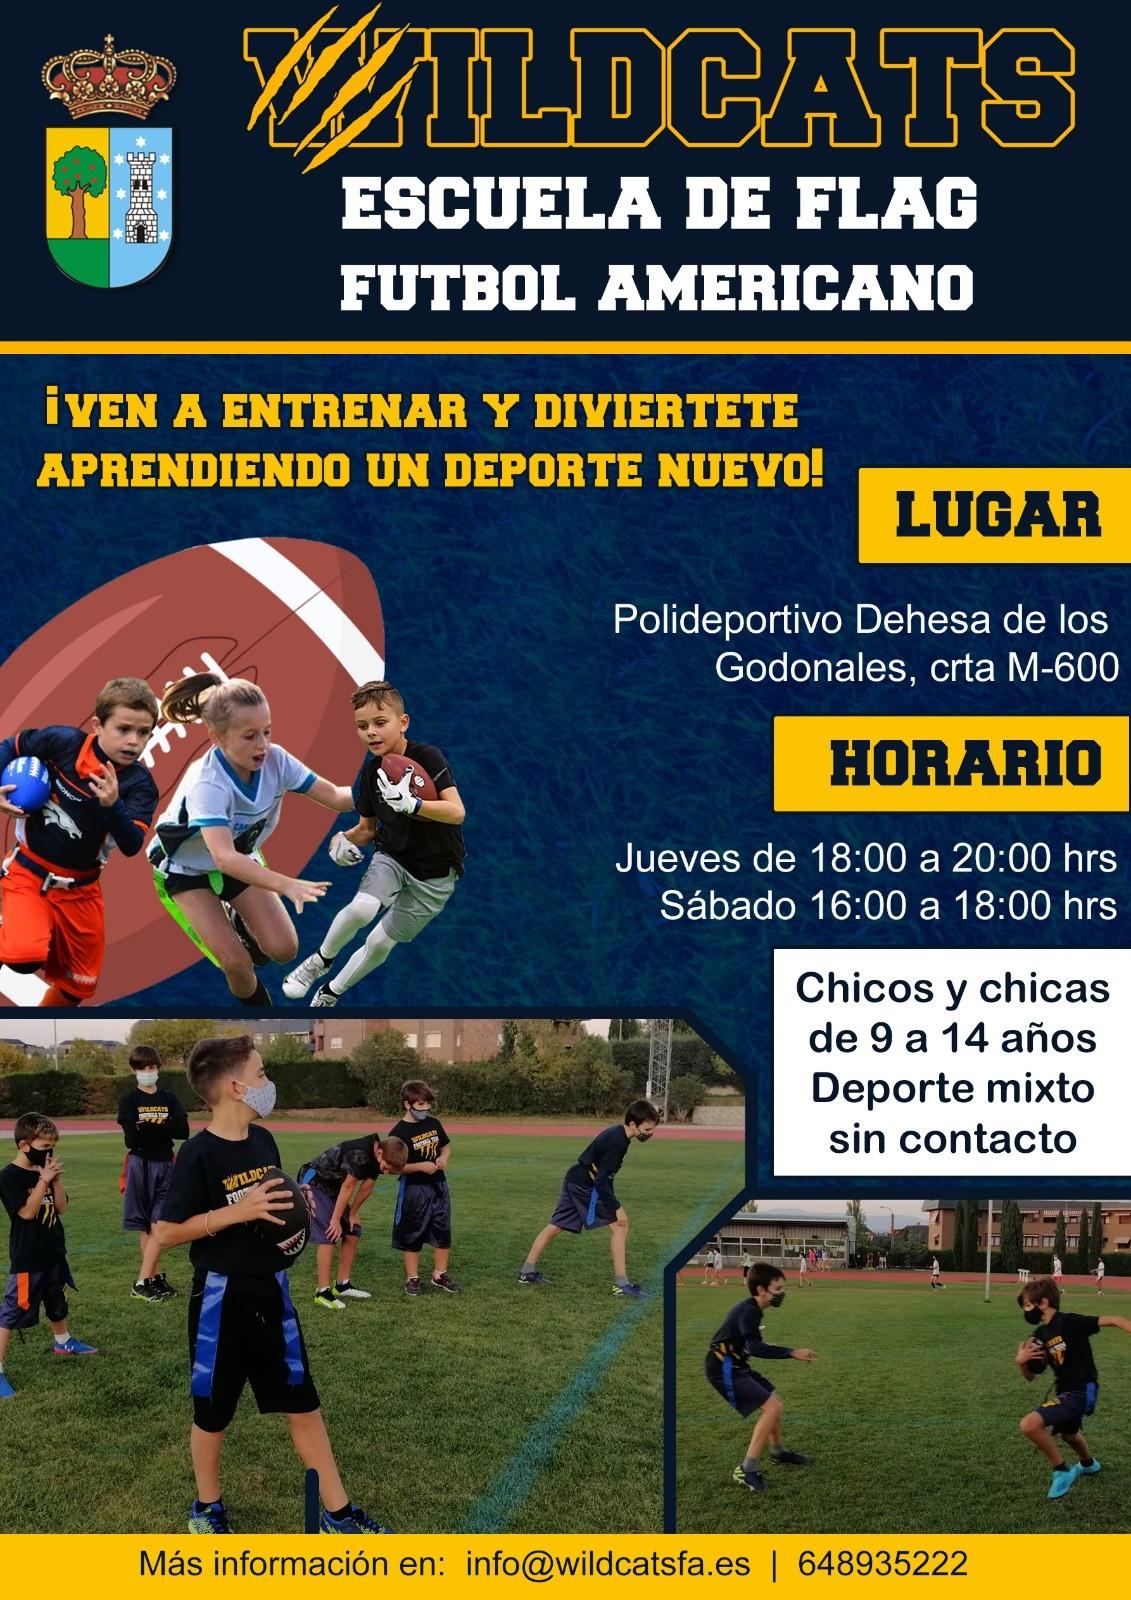 El fútbol americano también llega a la programación deportiva de Valdemorillo para que los menores de 9 a 14 años  se diviertan en esta Escuela de Flag  de forma muy segura y sin contacto entre jugadores